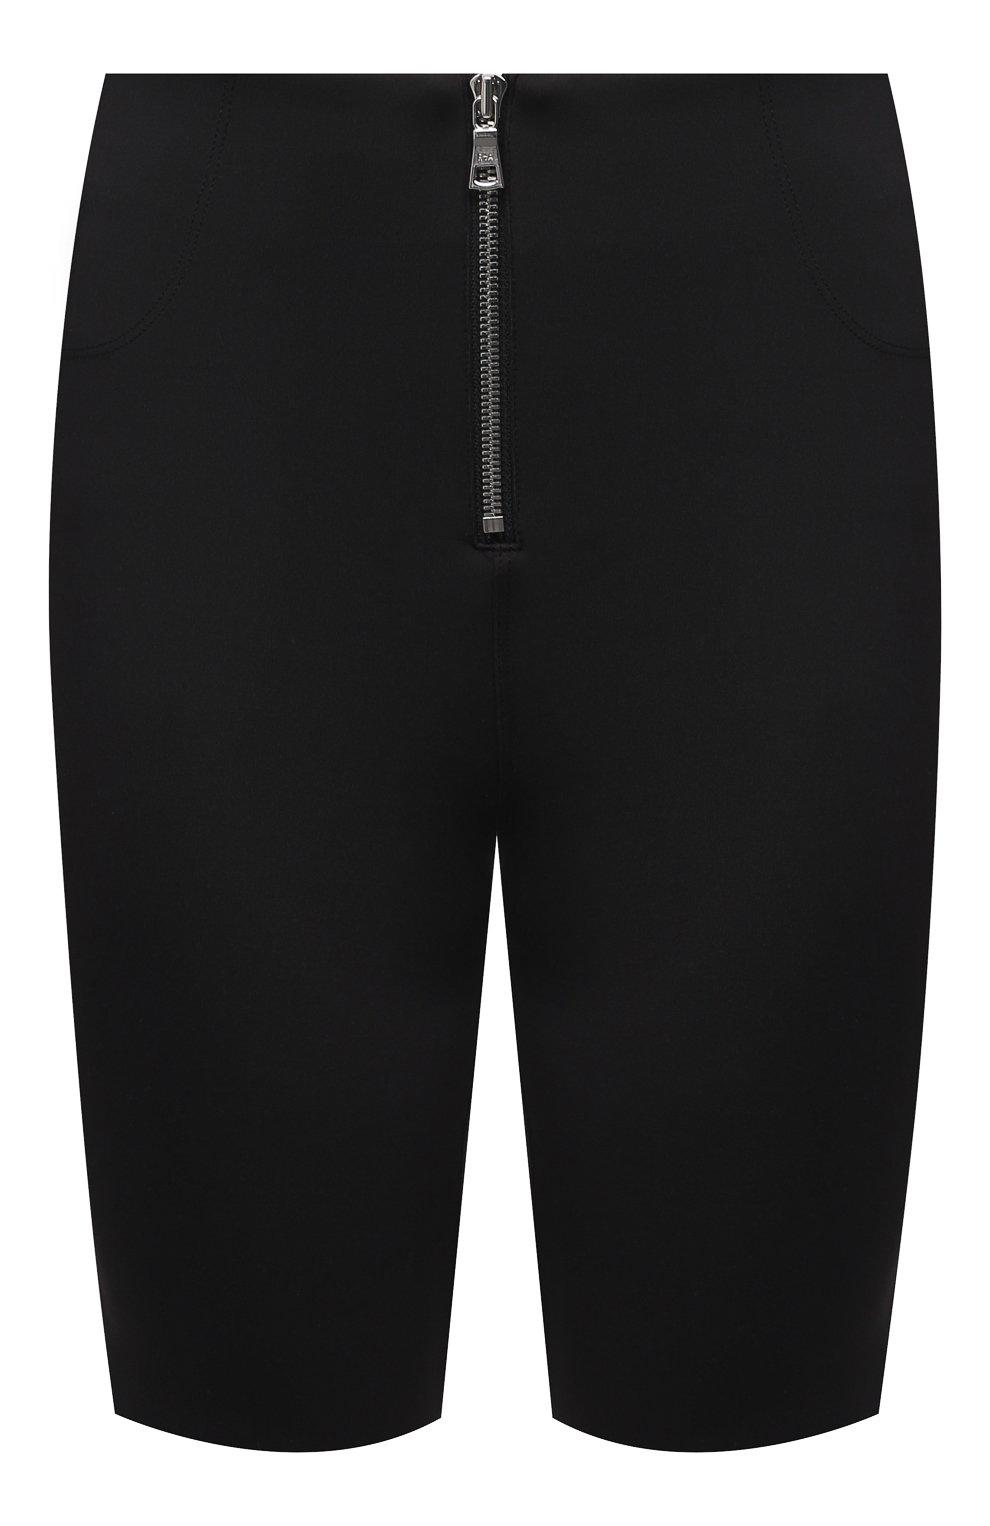 Женские шорты RTA черного цвета, арт. WU0425-3011BLK | Фото 1 (Женское Кросс-КТ: Шорты-одежда; Длина Ж (юбки, платья, шорты): Мини; Материал внешний: Синтетический материал; Стили: Спорт-шик)